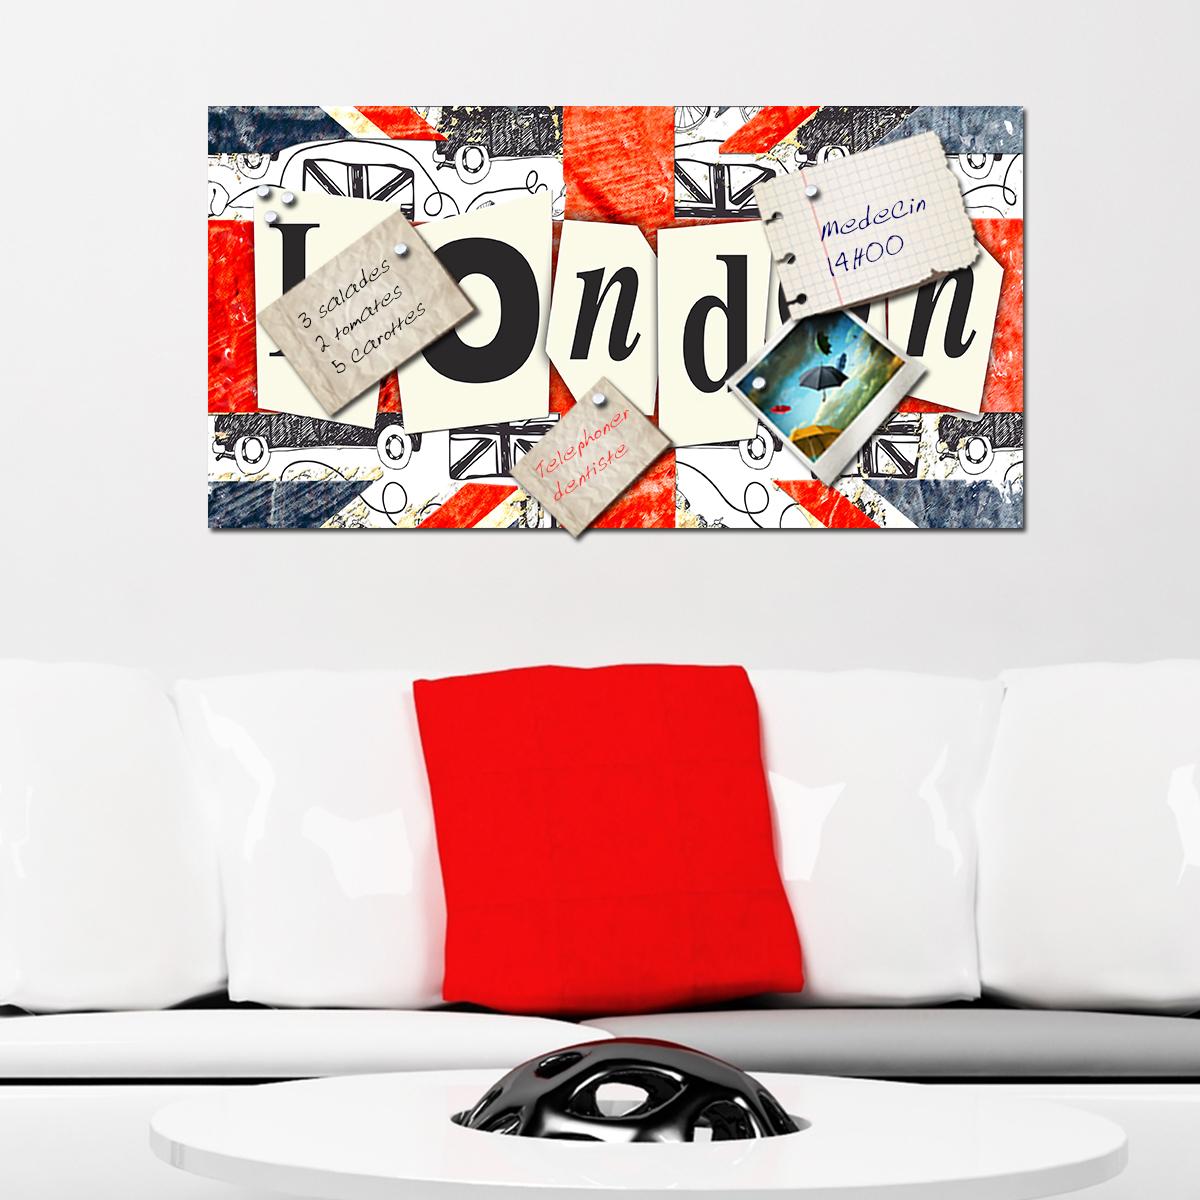 papier peint magn tique sticker papier peint magn tique london ambiance. Black Bedroom Furniture Sets. Home Design Ideas